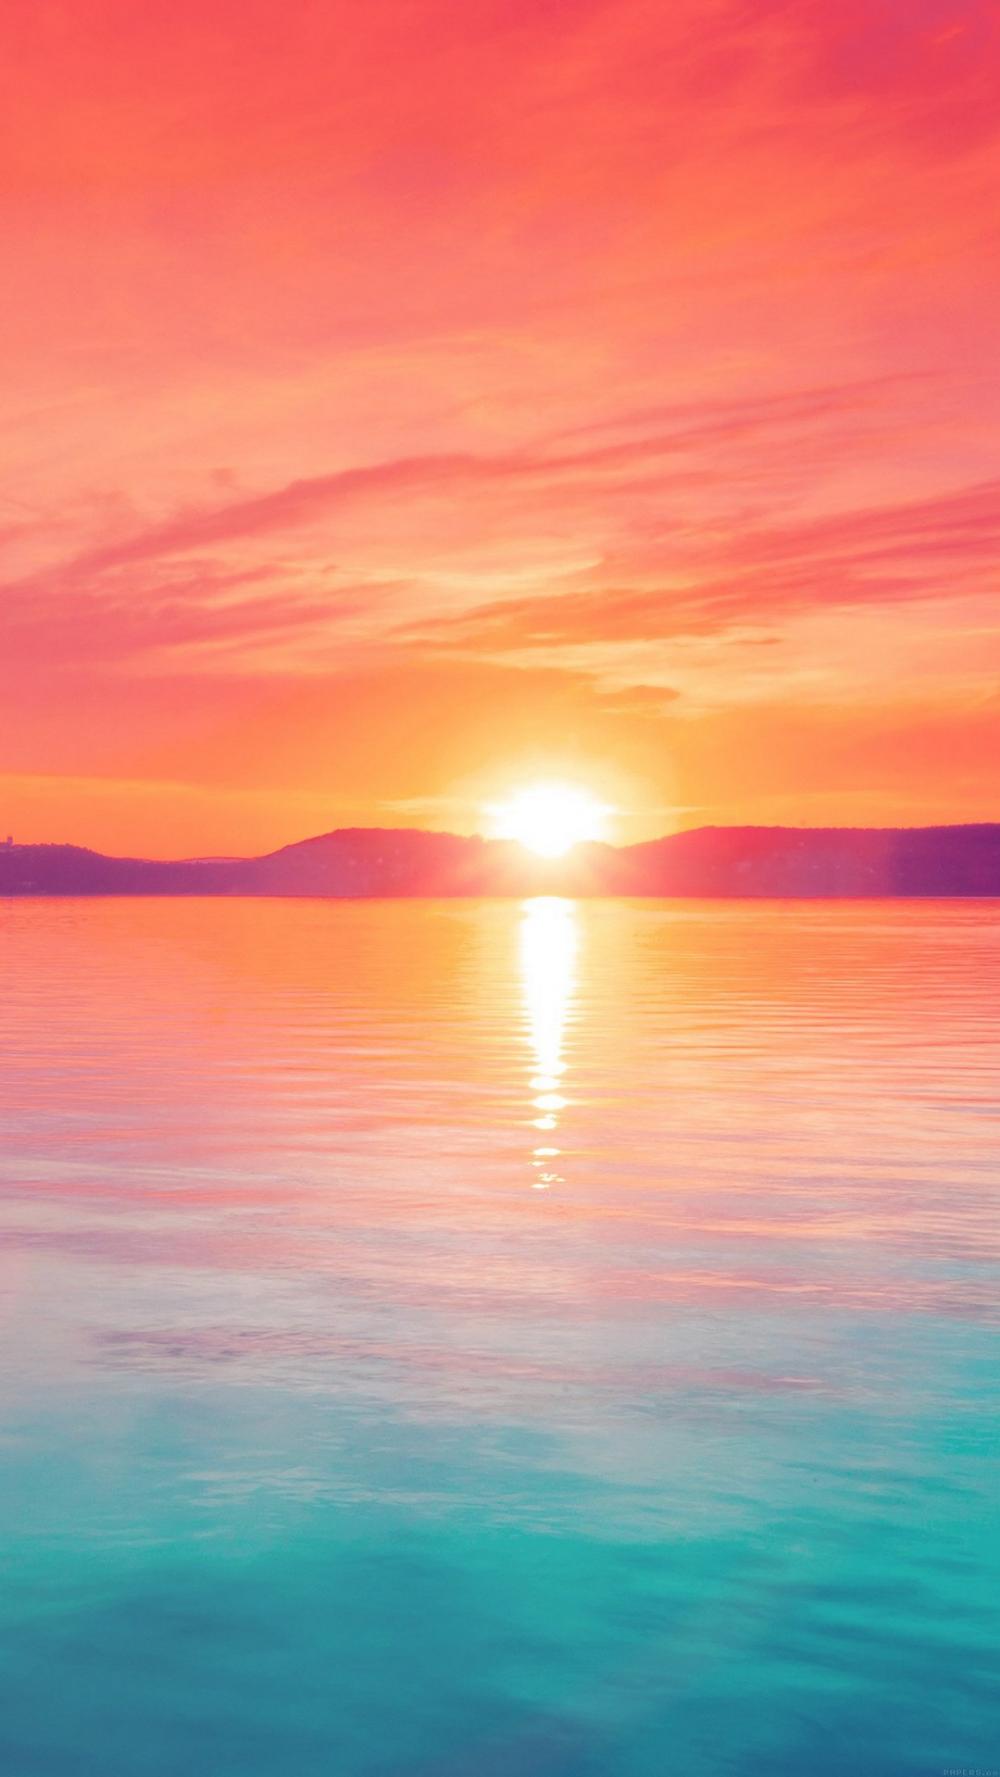 人気293位 海の夕焼け 夕焼け ハワイ 景色 ビーチの壁紙